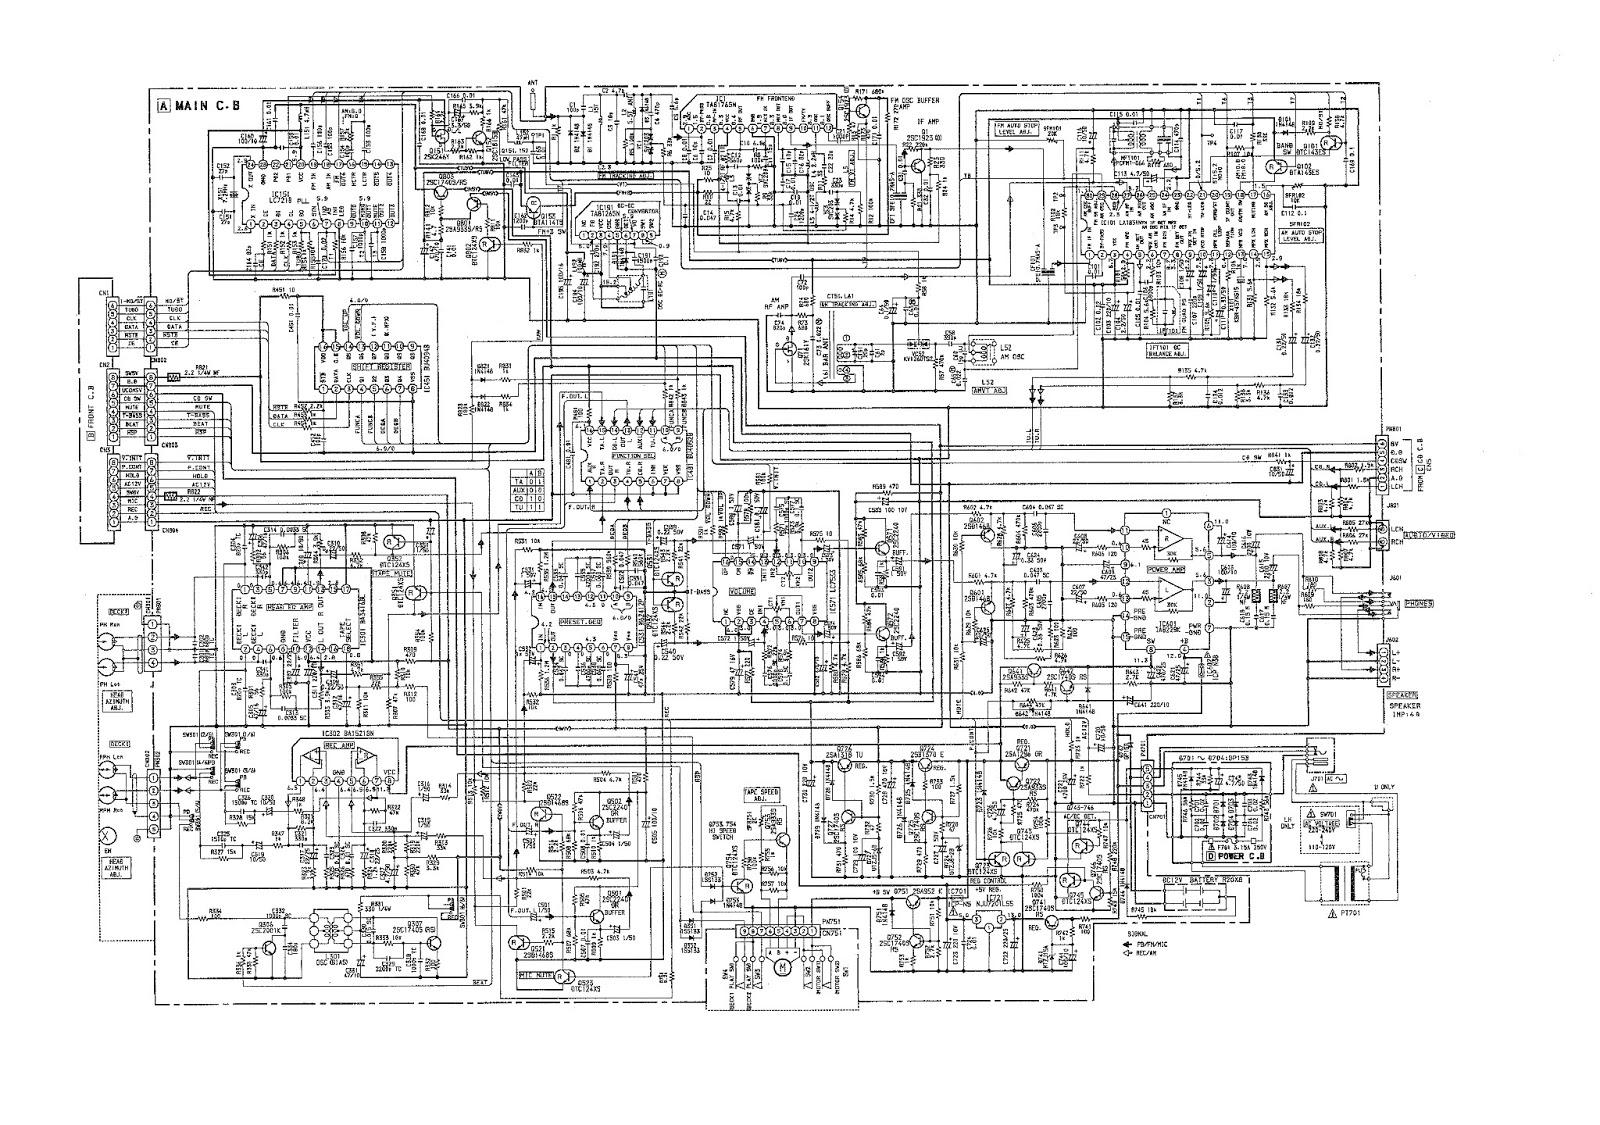 AIWA CA DW620  SCHEMATIC DIAGRAMS | Electro help